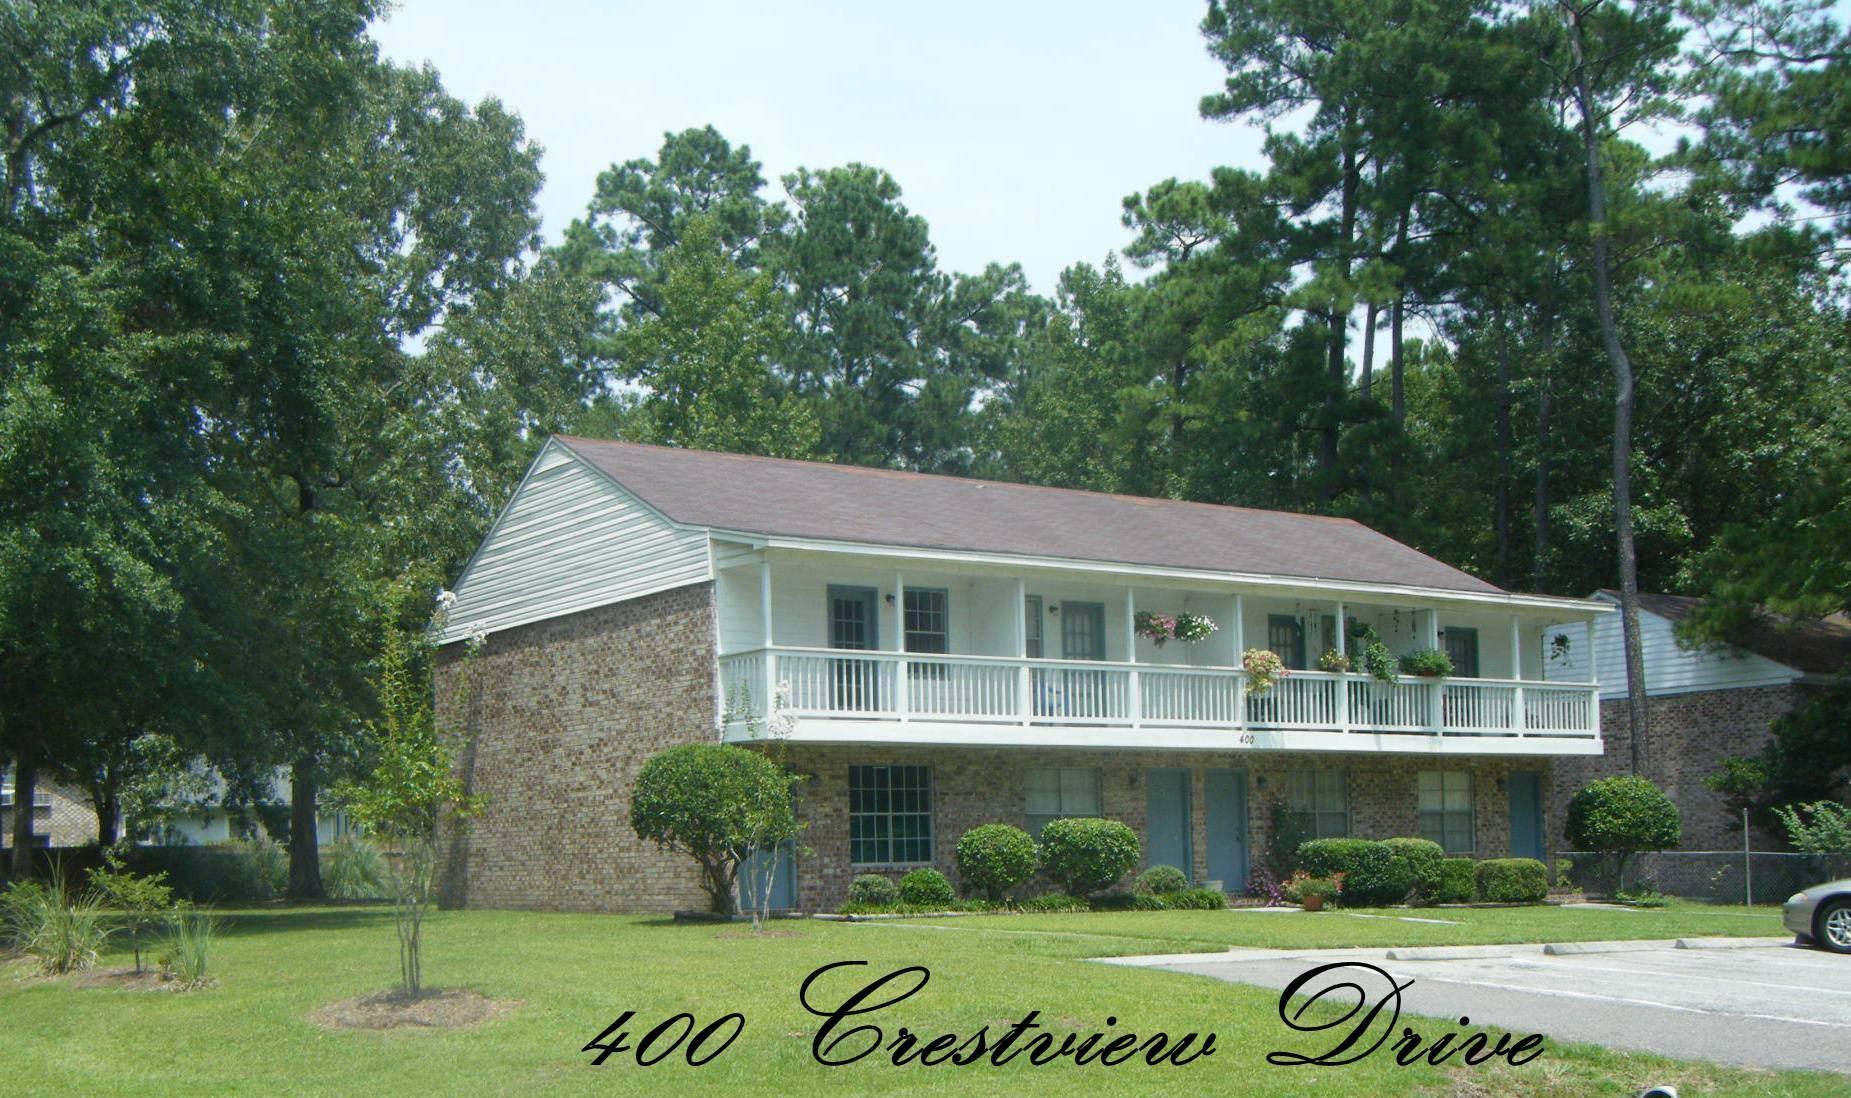 400 Crestview Drive Summerville, SC 29485